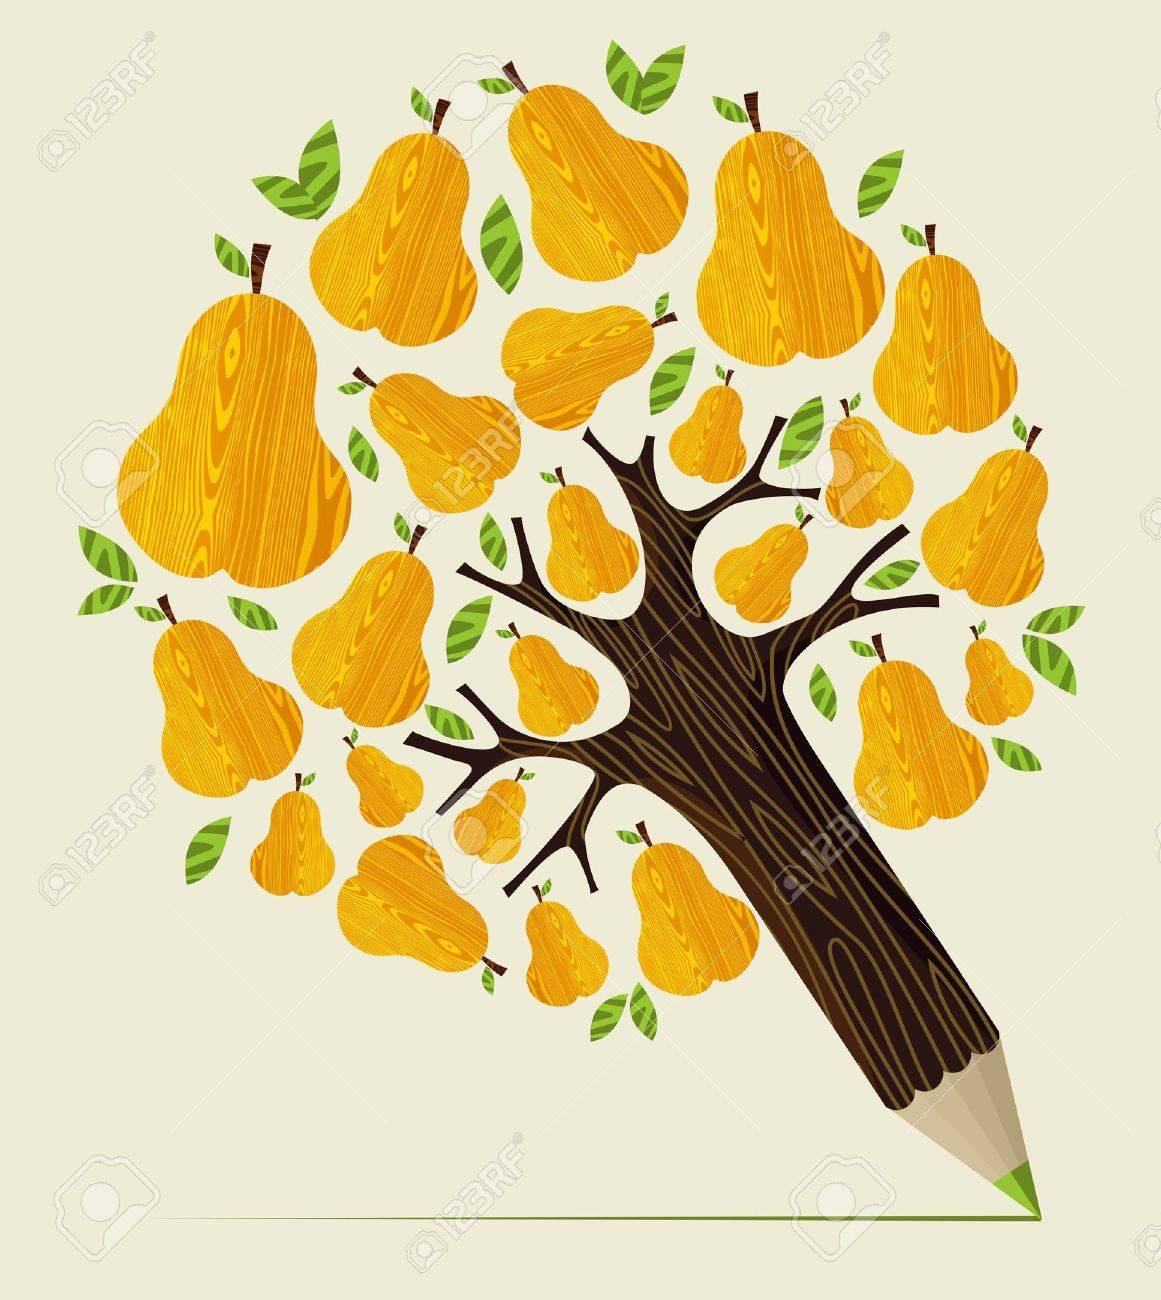 健康的な果物概念鉛筆ナシベクトル イラストを簡単に操作および